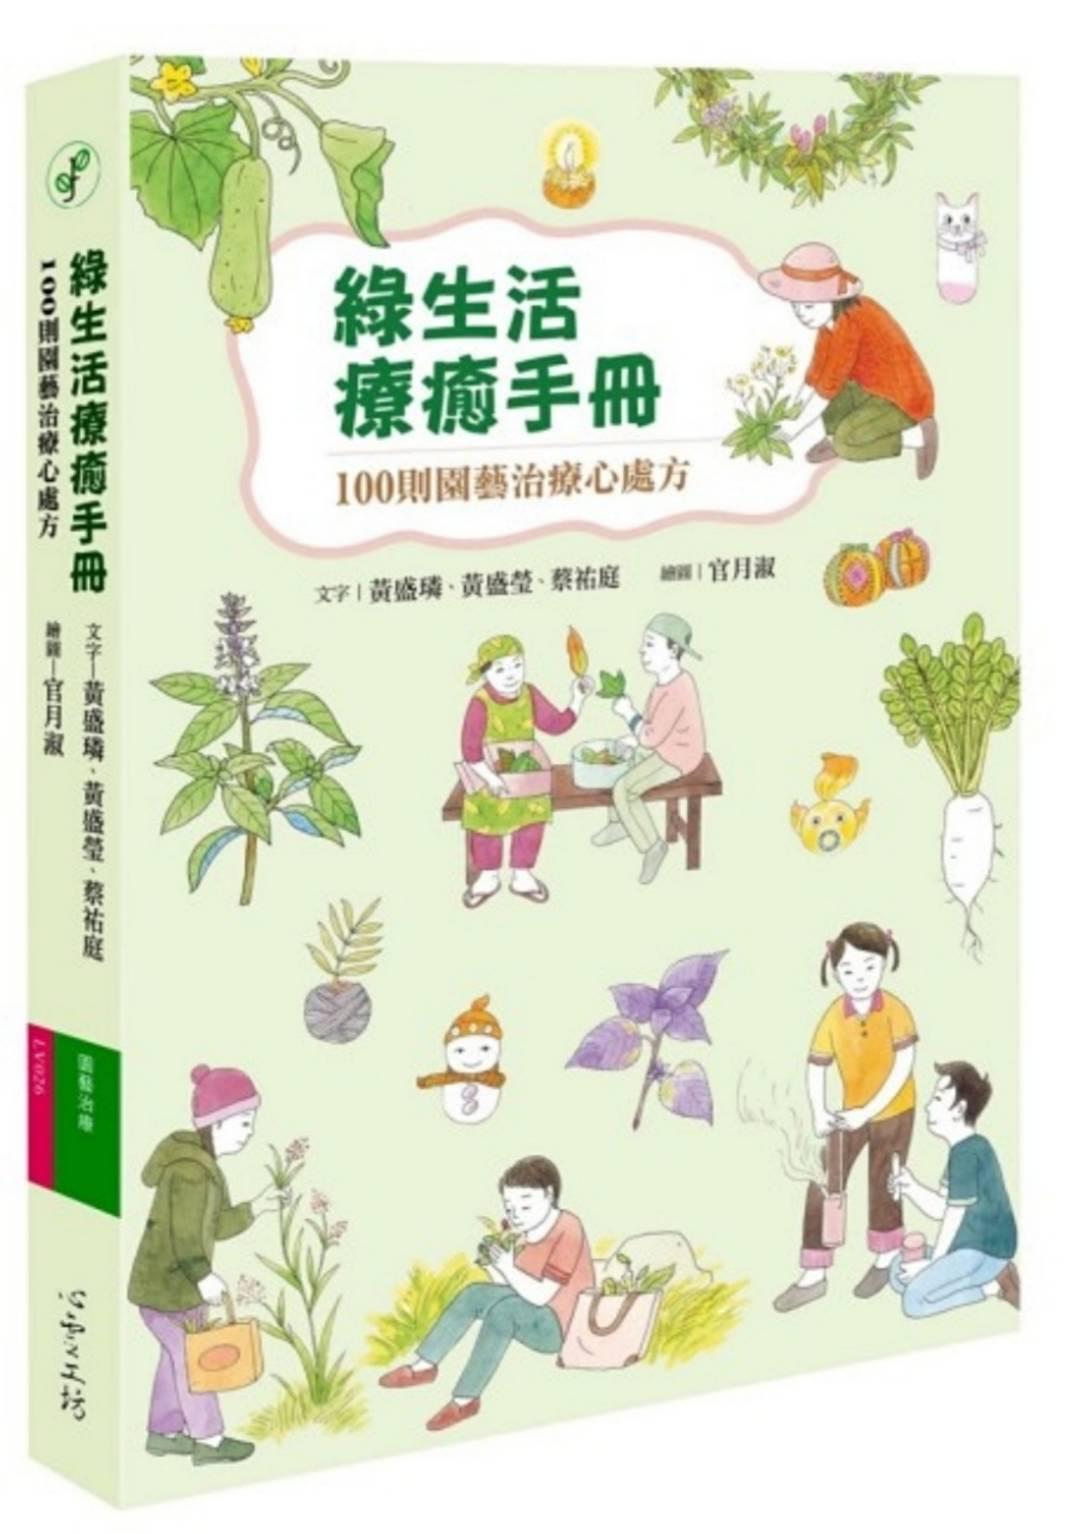 綠生活療癒手冊.jpg